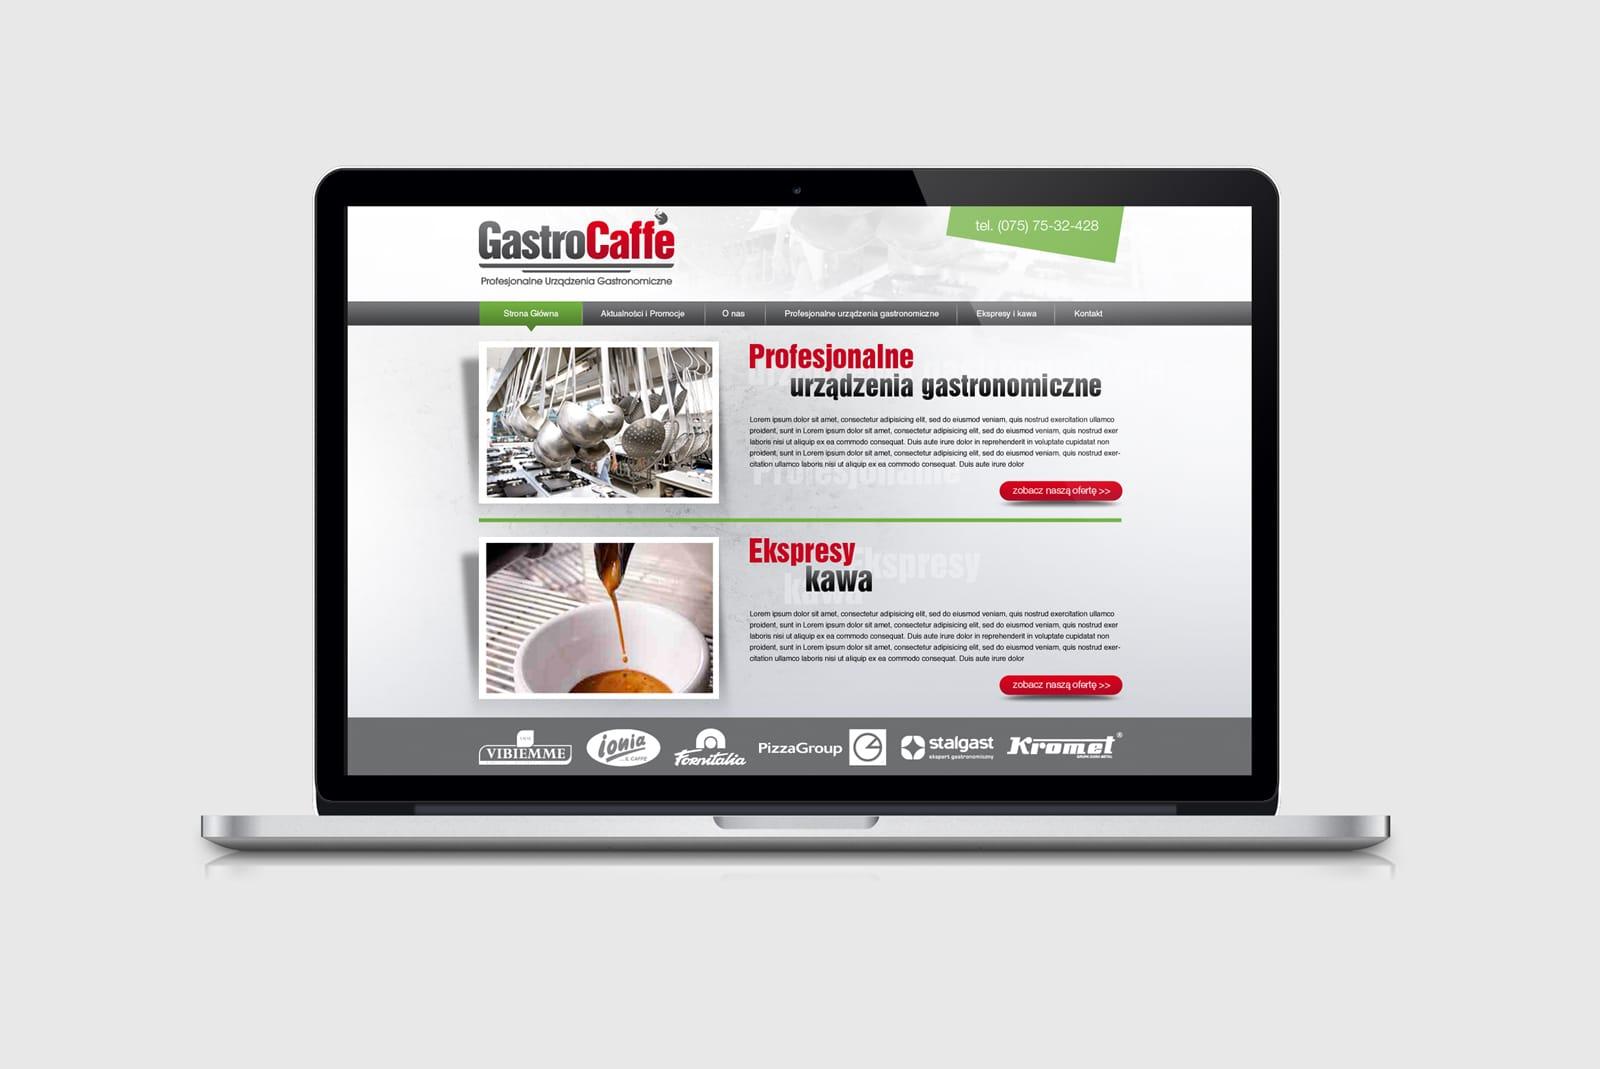 Gastrocaffe projektowanie stron internetowych Agencja brandingowa Moweli Creative